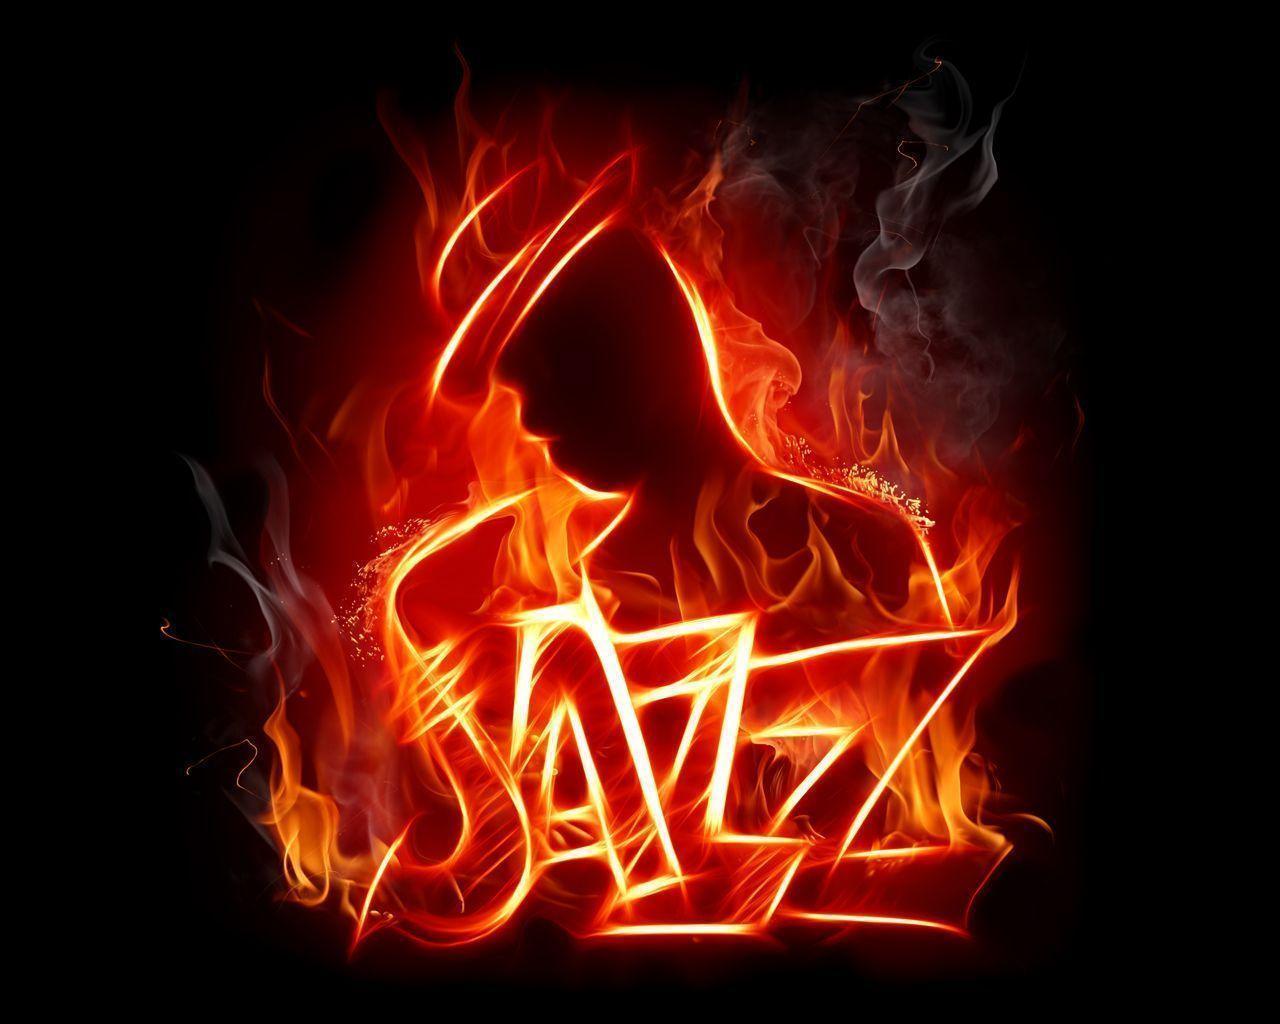 Jazz Music Fire Wallpaper Music #13400 Wallpaper | Wallpaper ...